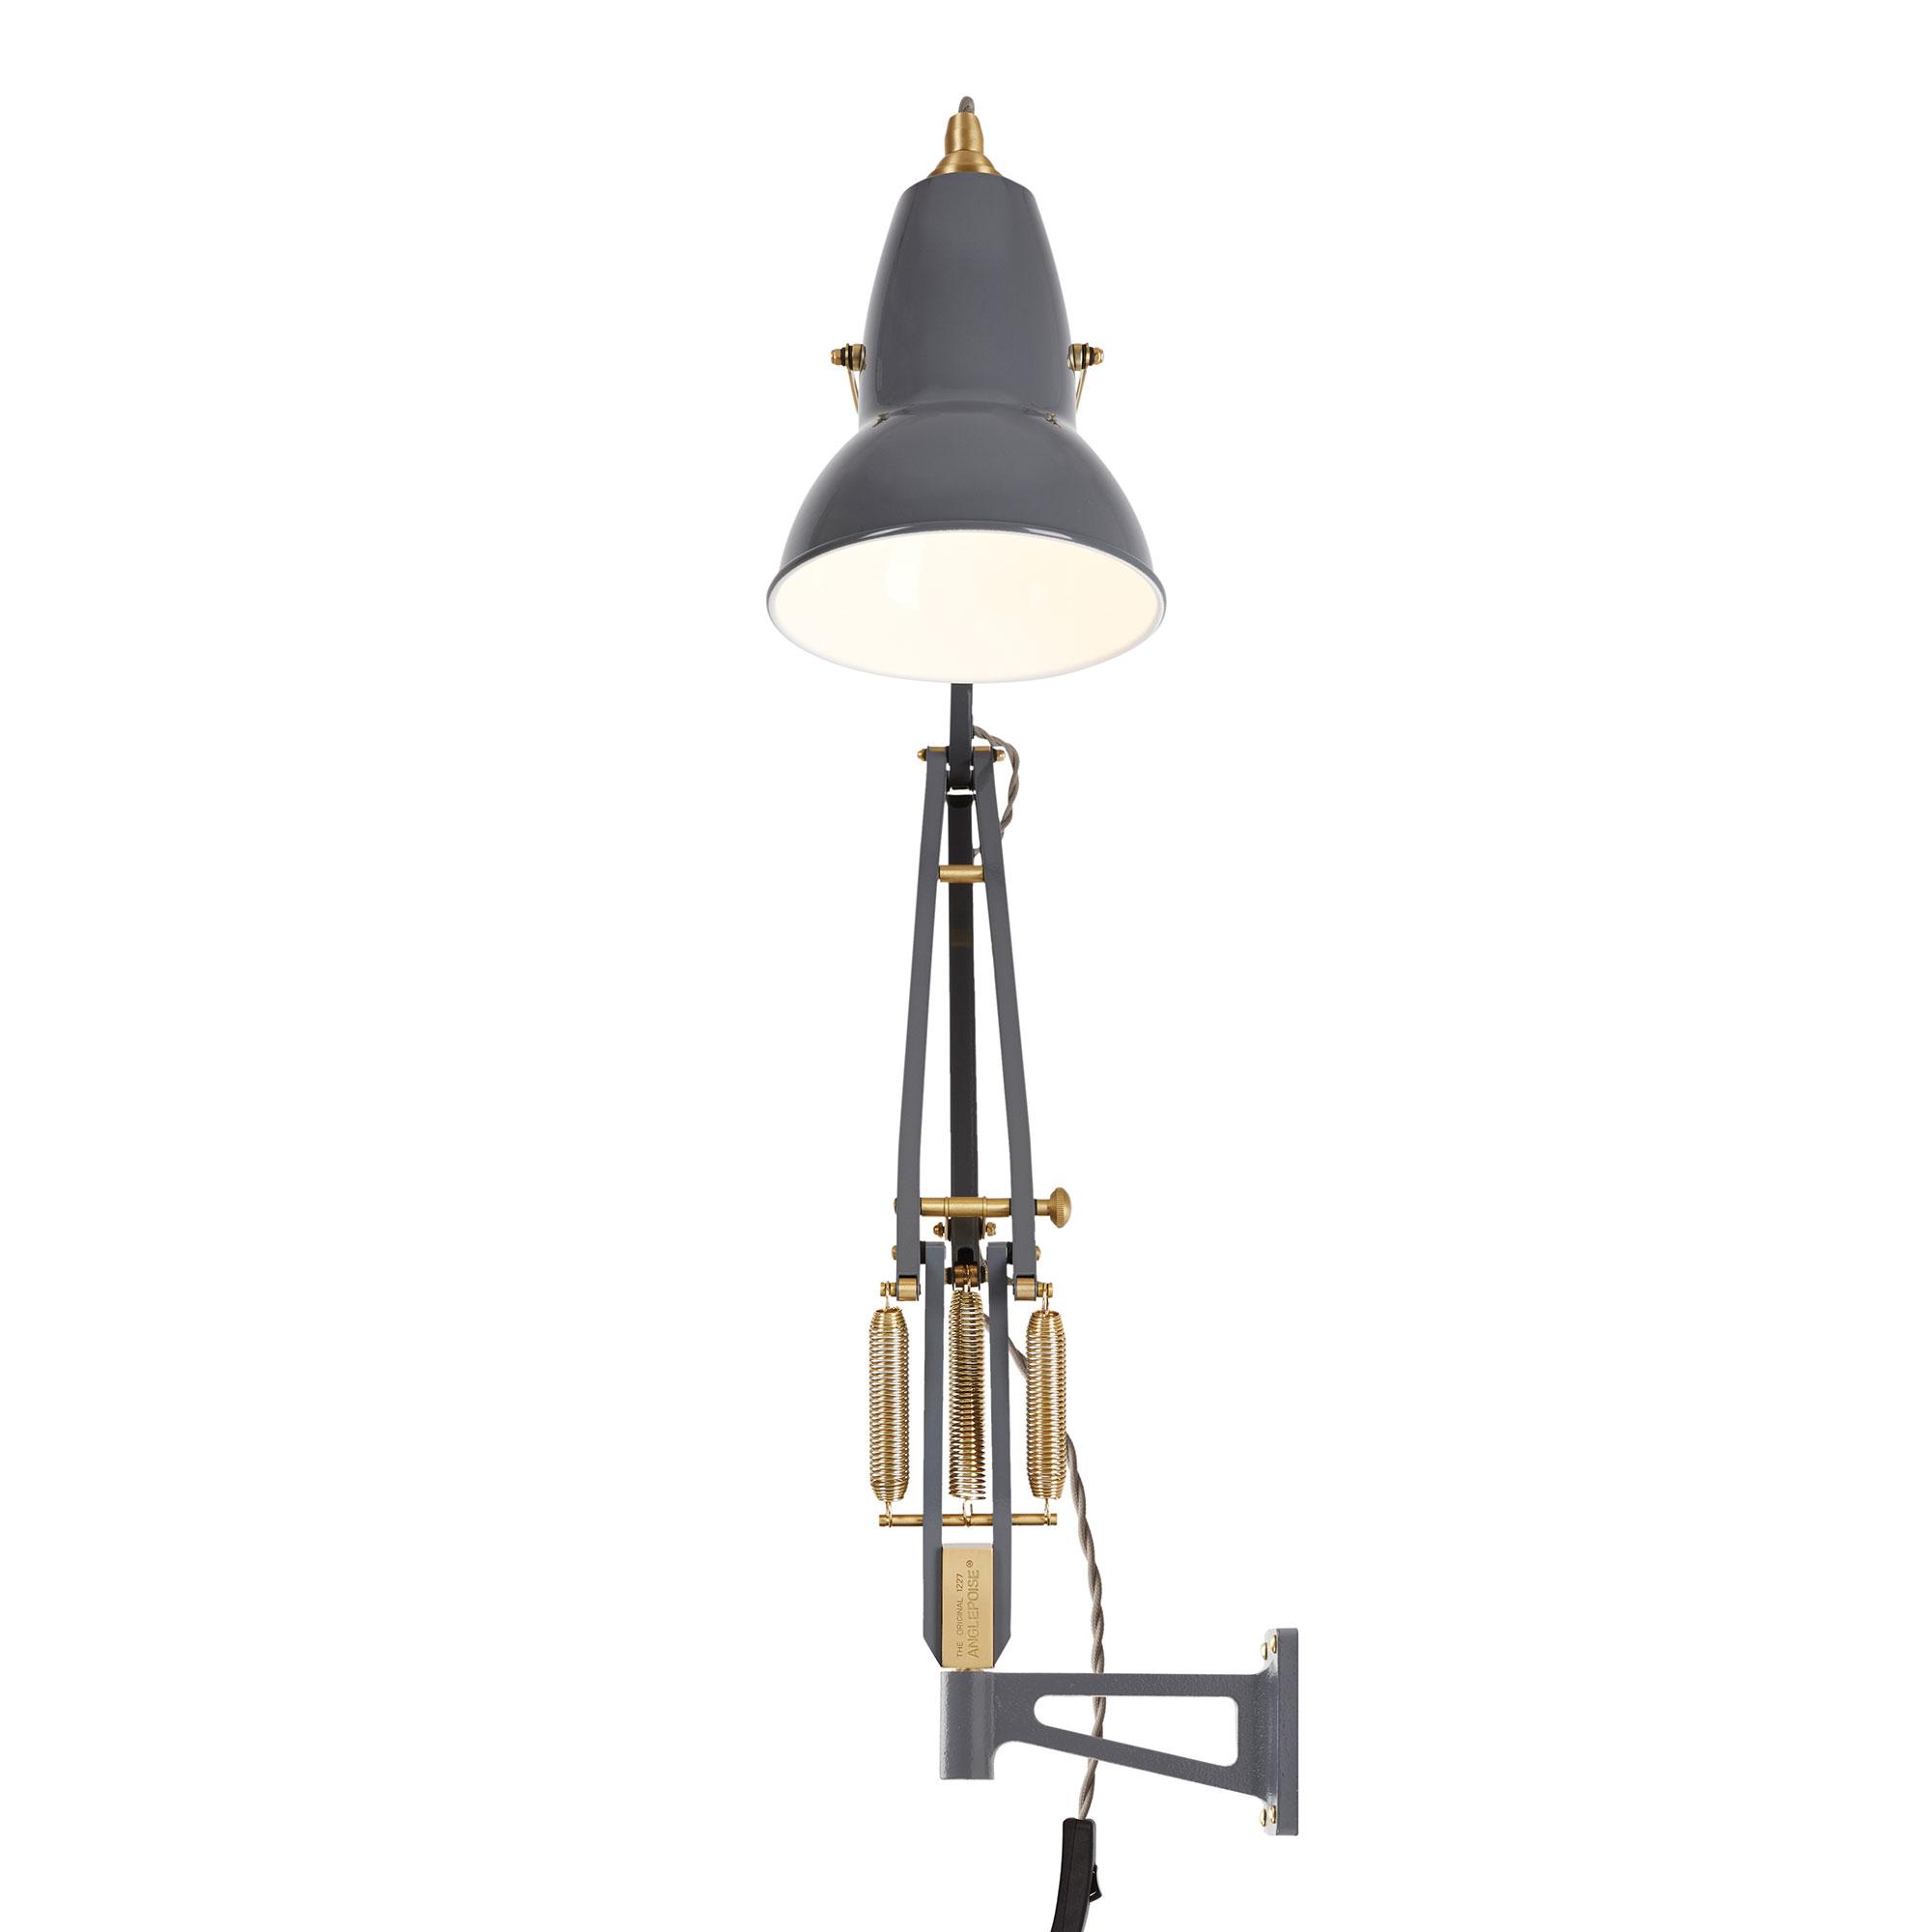 Original 1227 Brass Lamp With Wall Bracket Elephant Grey